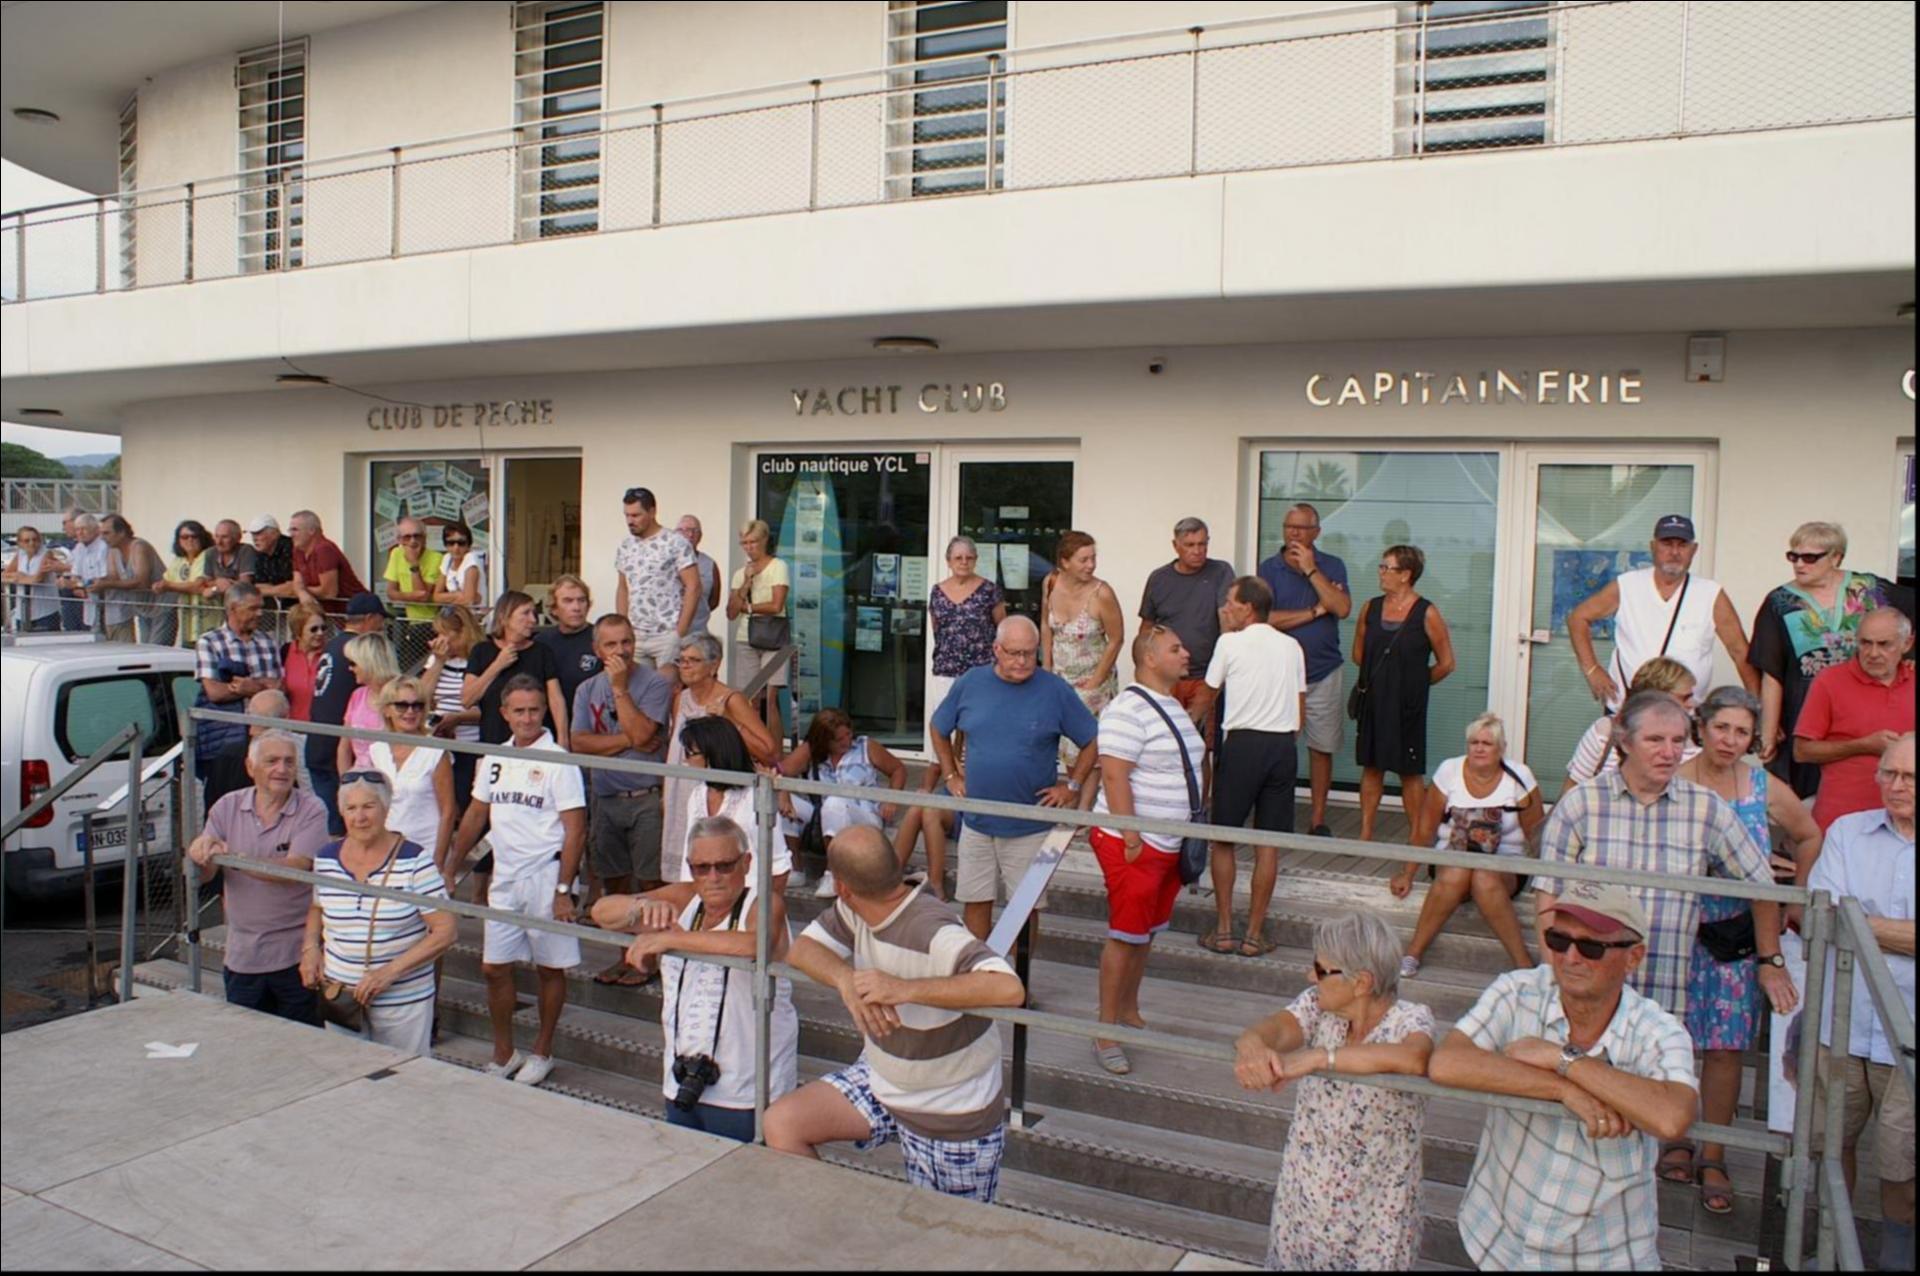 La foule des londais à l' arrivée des prises